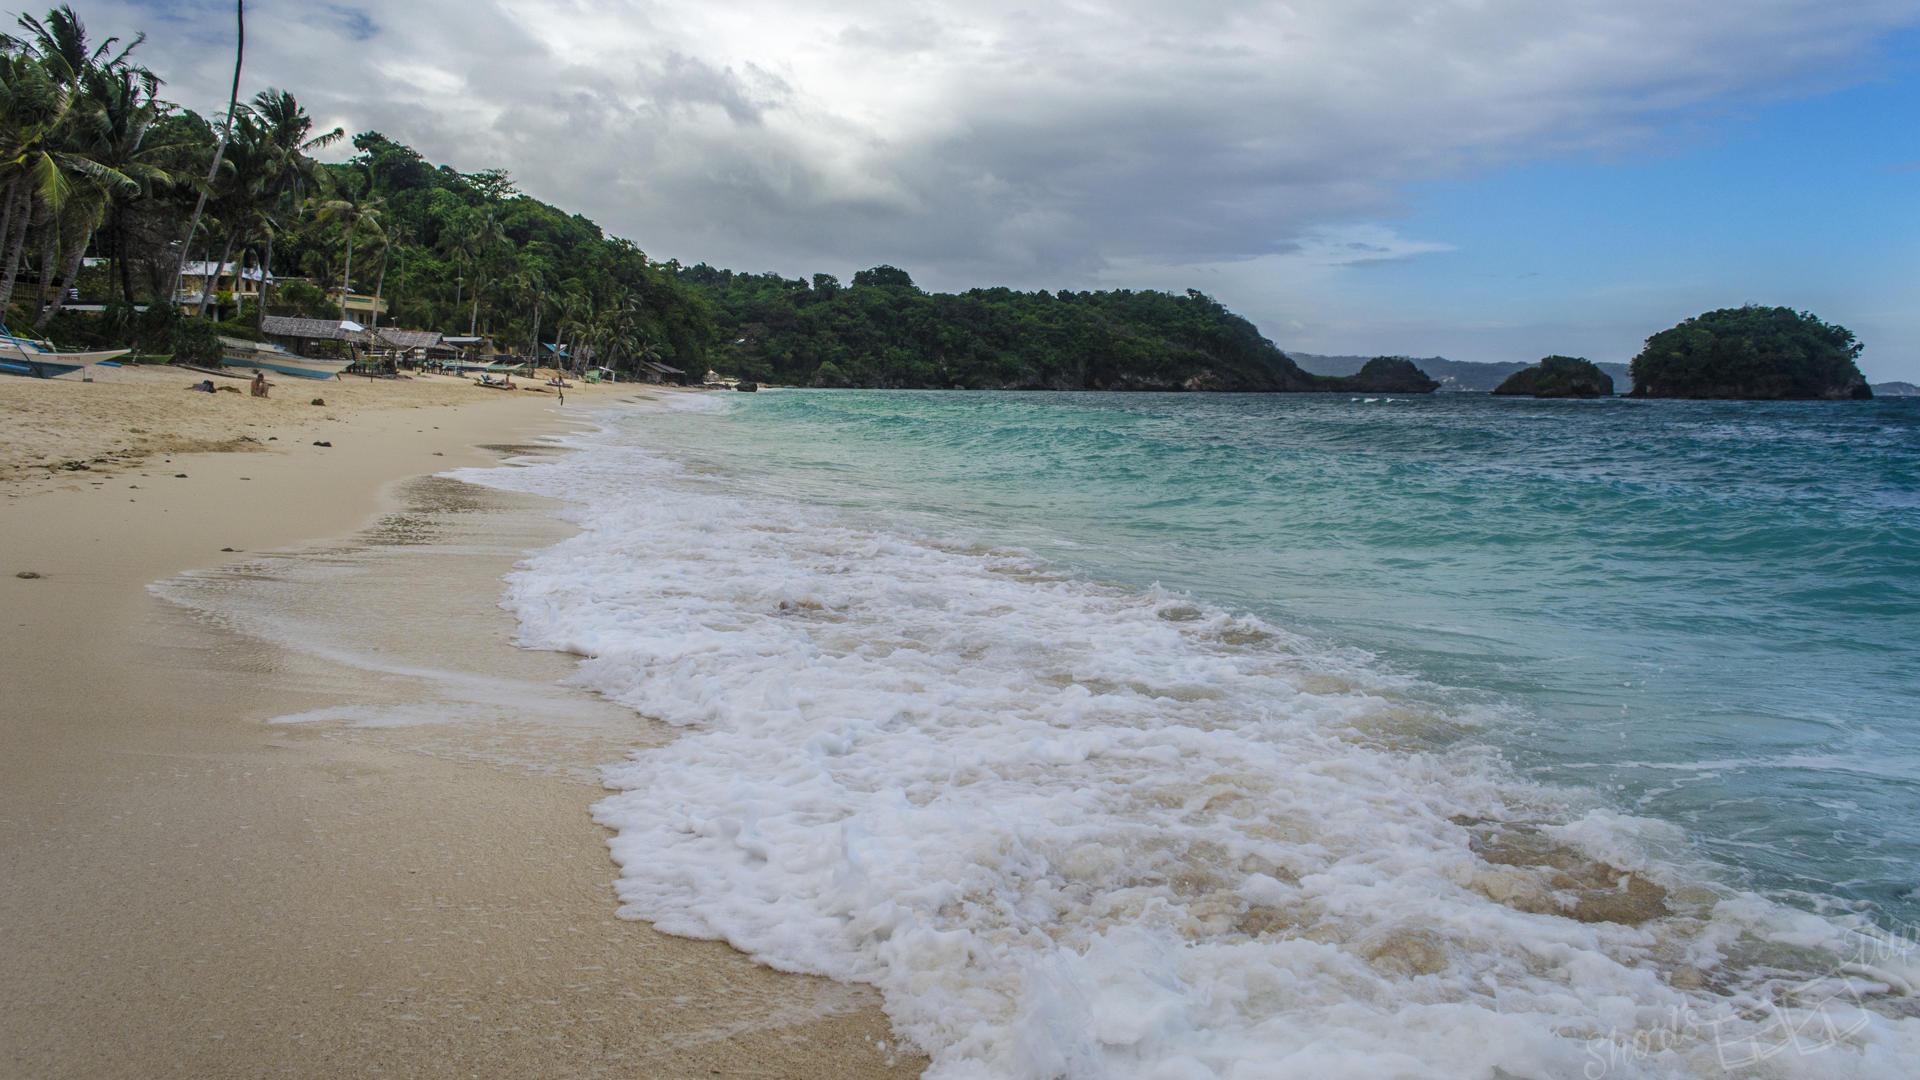 Илиг-илиган пляж, Илиг-илиган пляж боракай, Илиг-илиган боракай, Илиг-илиган пляж width=